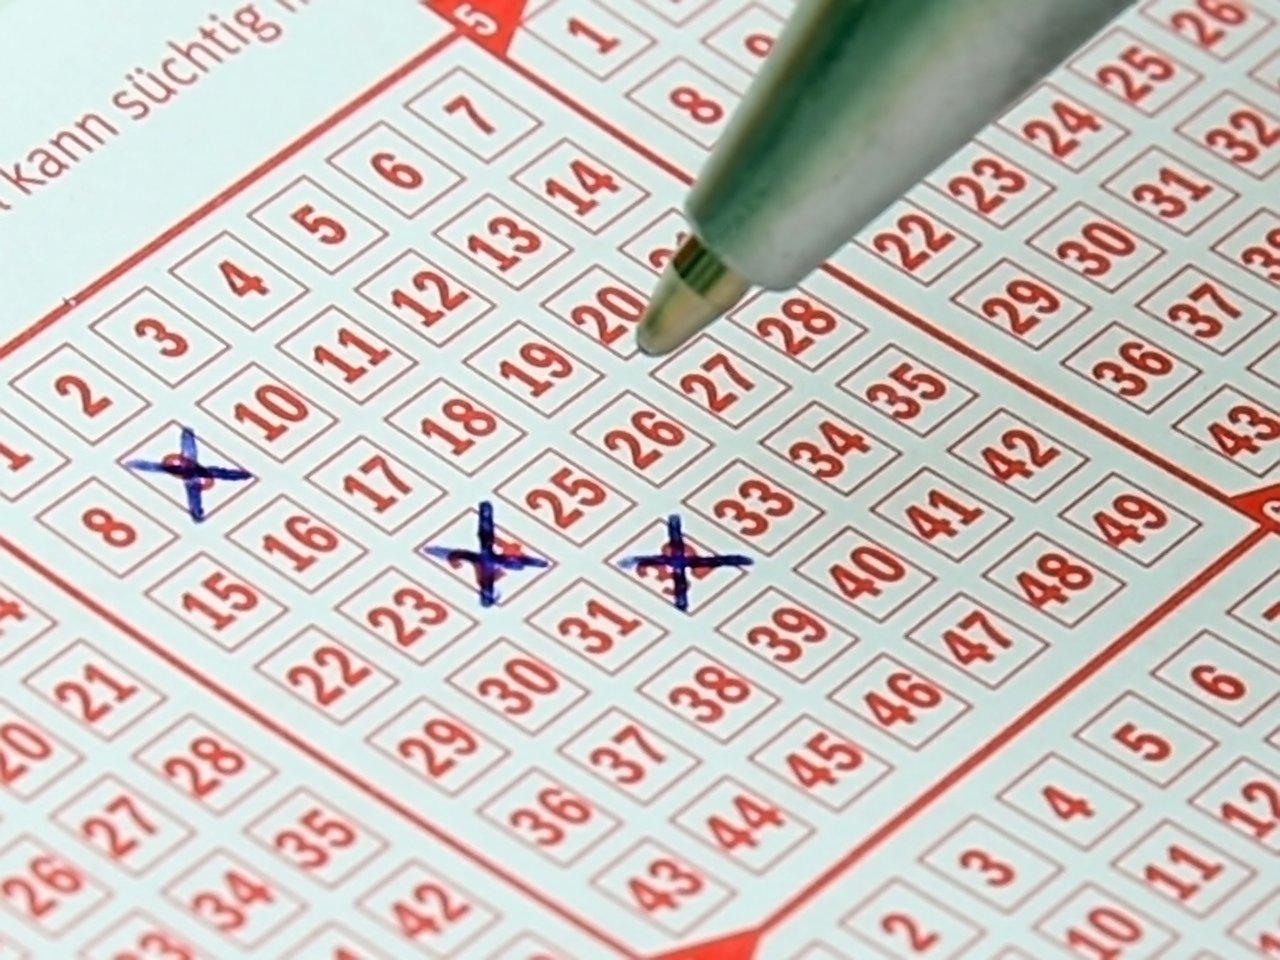 Wie Gewinne Ich Im Lotto